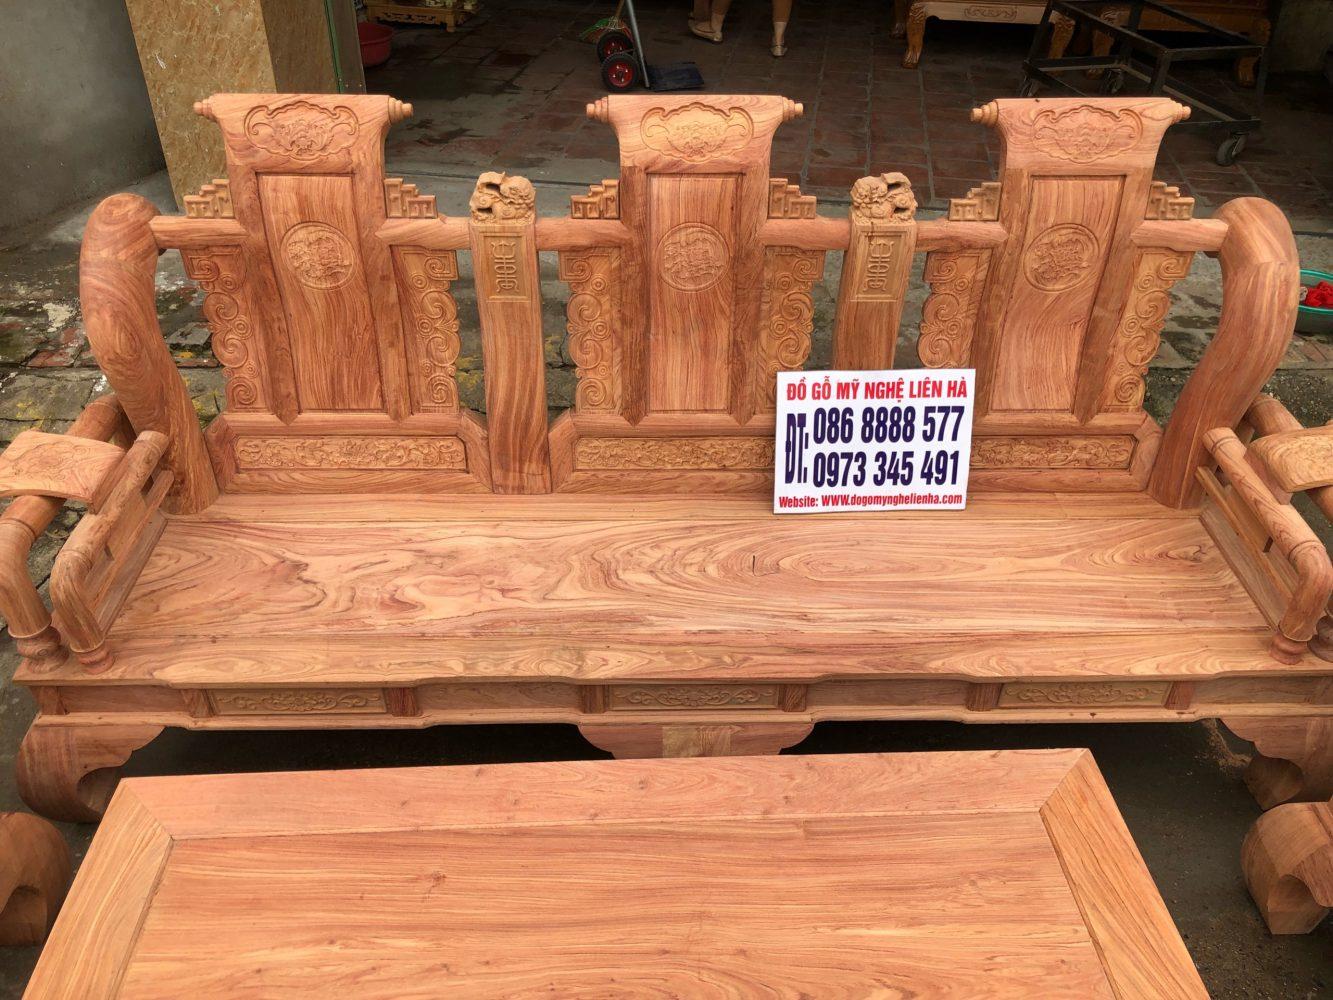 đoản dài bộ ghế tần thủy hoàng 6 món cột 12 gô hương đá